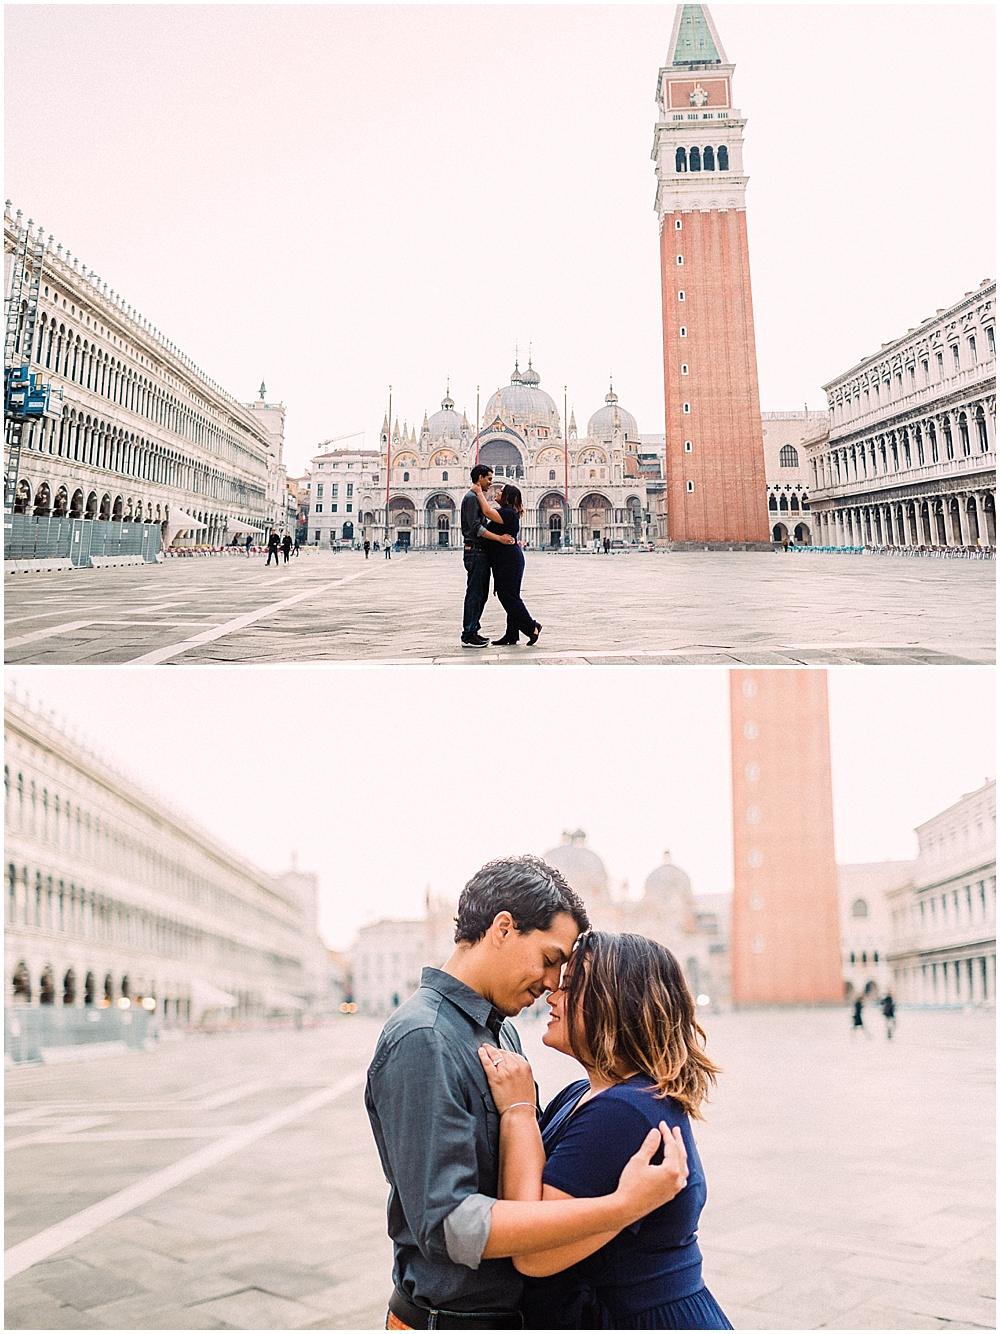 Venice-italy-wedding-photographer-stefano-degirmenci_0410.jpg